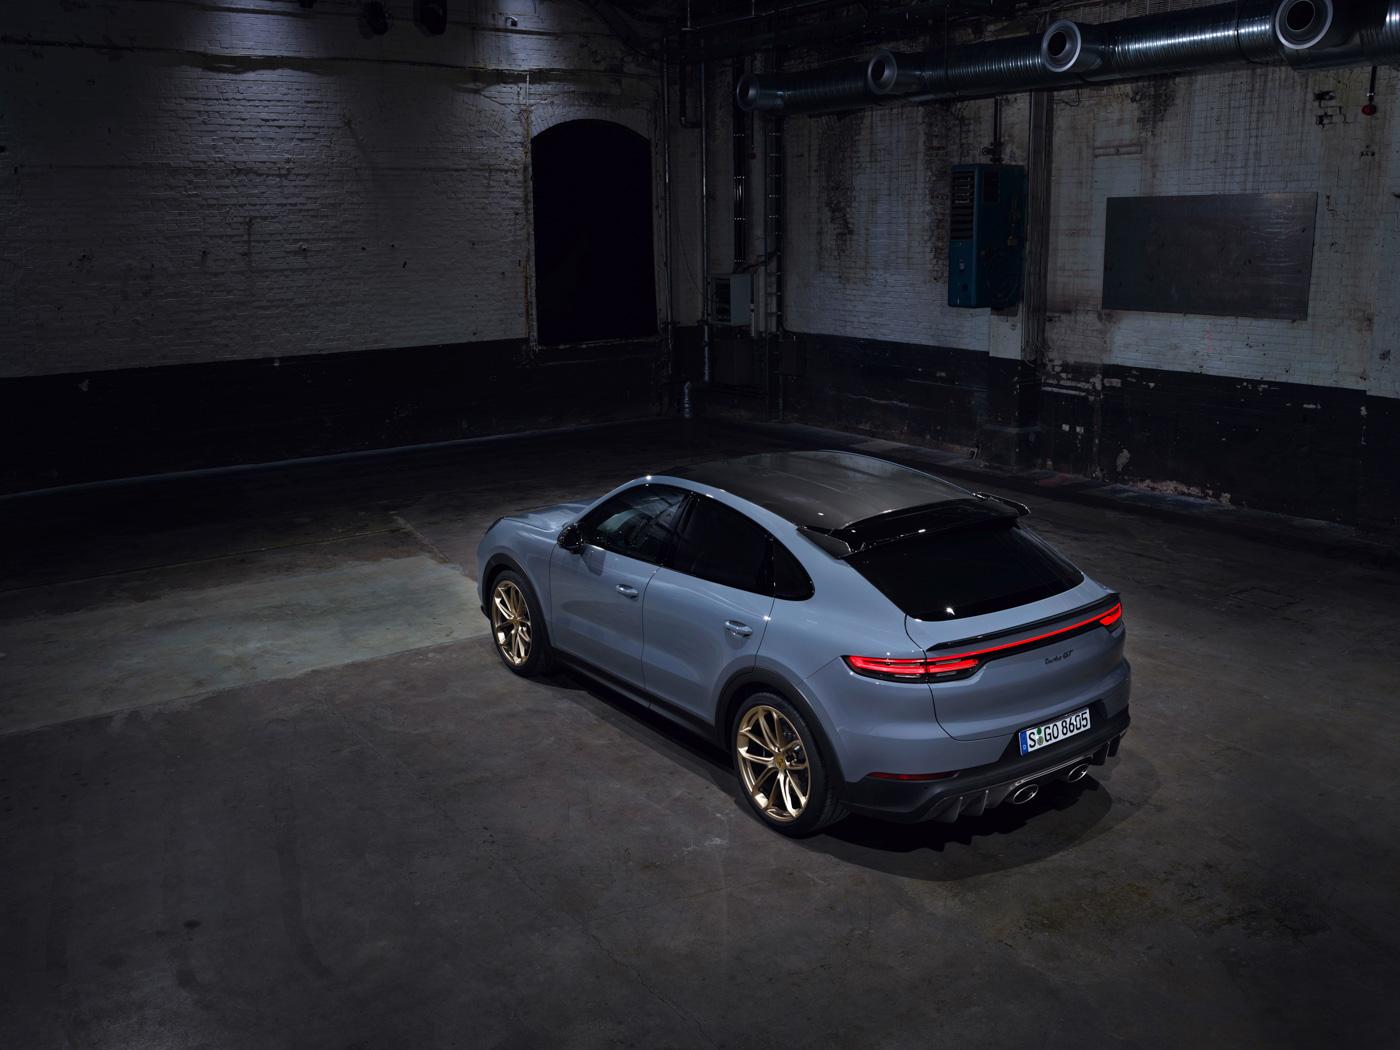 Porsche-Cayenne-Turbo-GT-có-giá-từ-1225-tỷ-đồng-tại-Việt-Nam-6.jpg